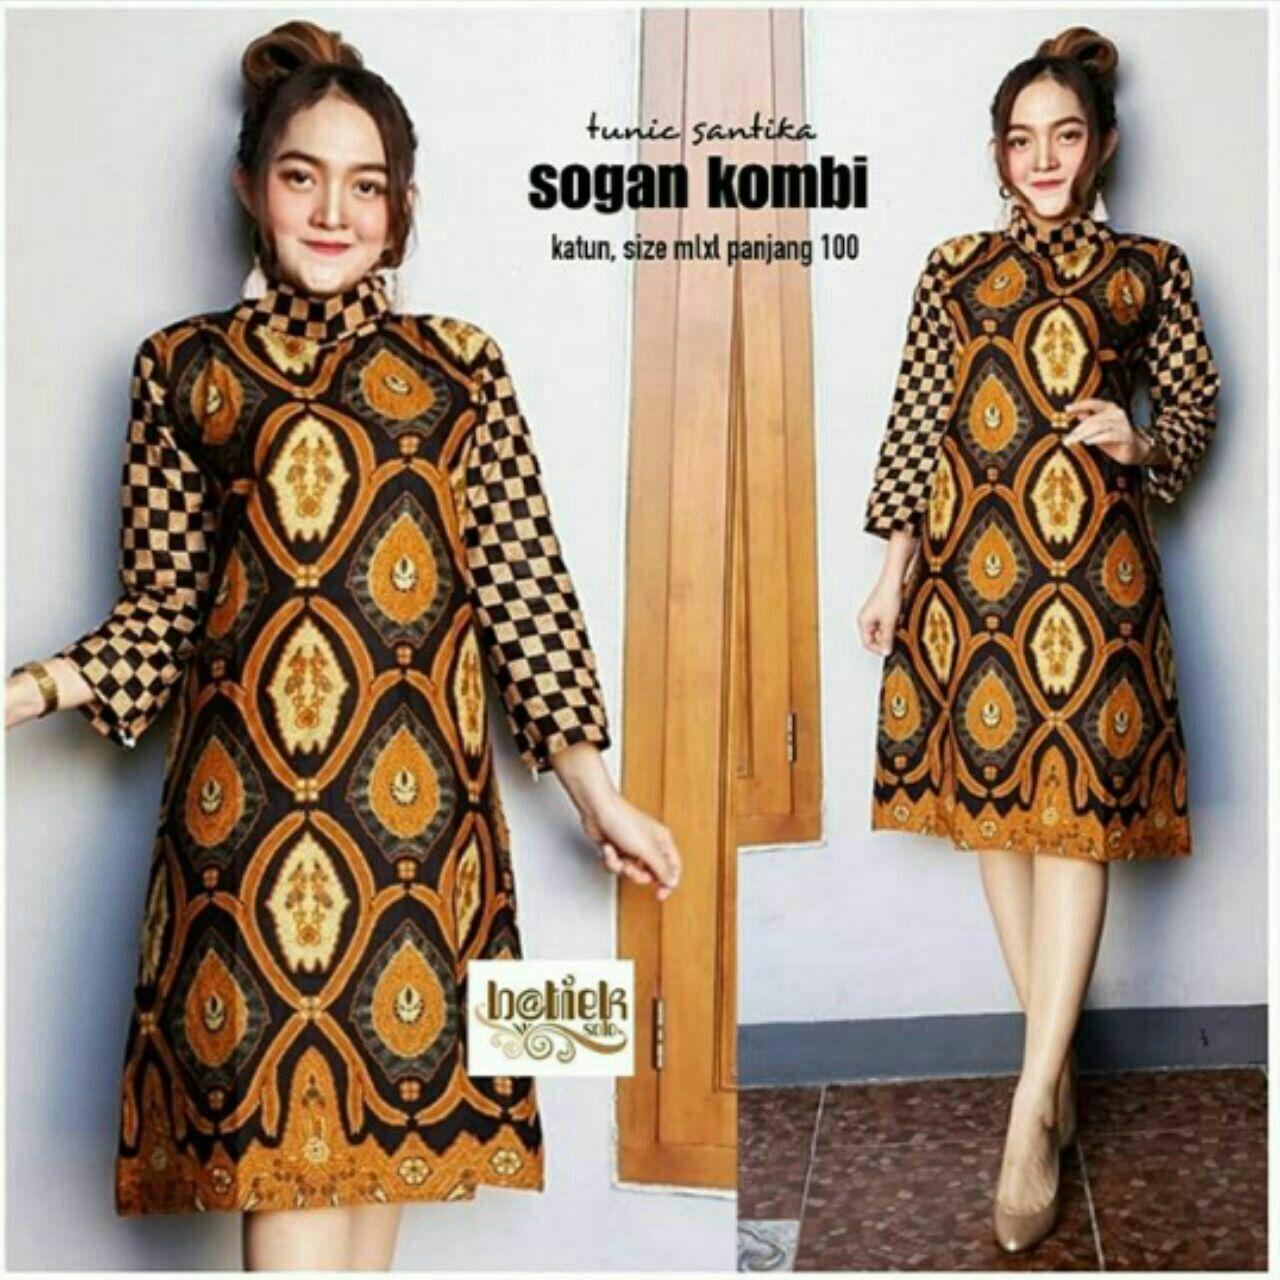 Atasan Batik Wanita Tunik Batik Seragam Guru Dress Modern - Daftar ... 213e8b8065